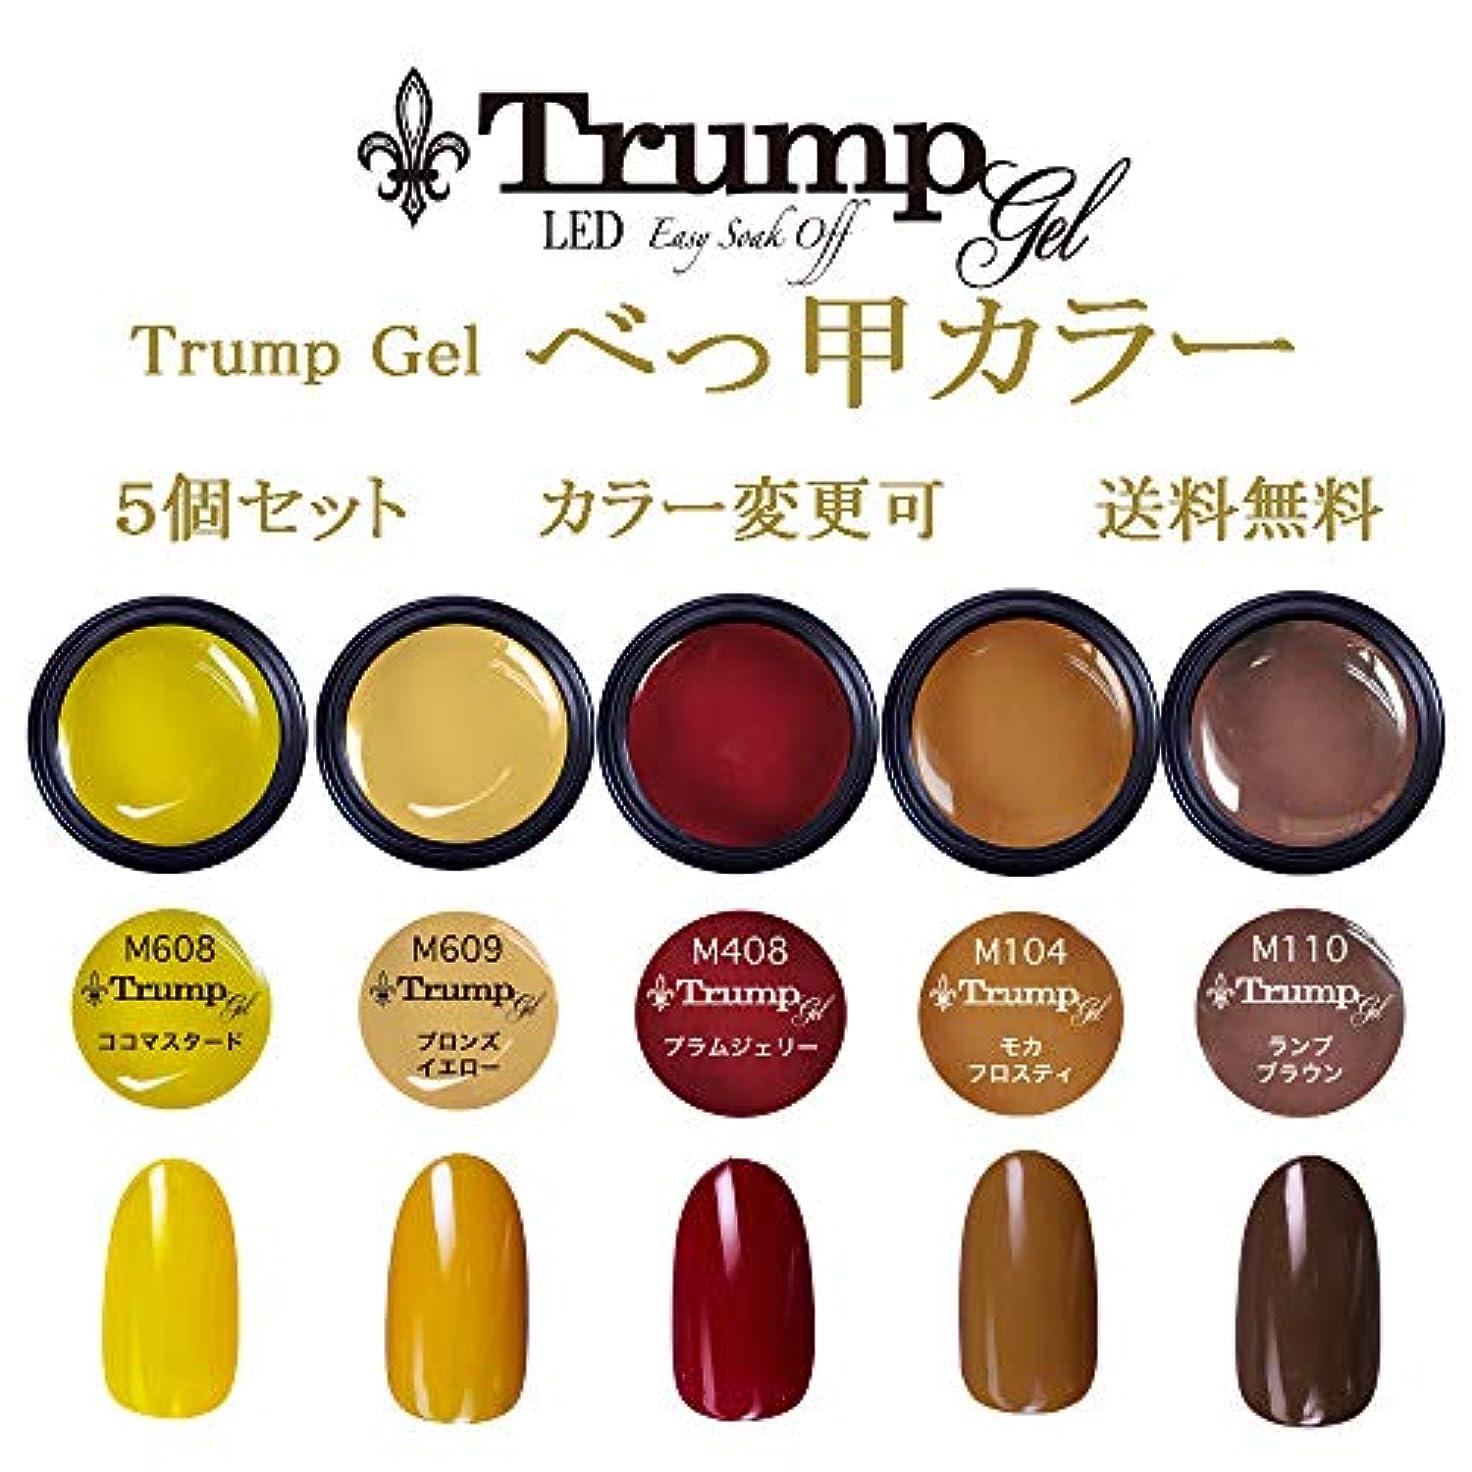 戦う喉が渇いたフローティング日本製 Trump gel トランプジェル べっ甲 ネイルカラー 選べる カラージェル 5個セット イエロー ブラウン ワイン べっこう